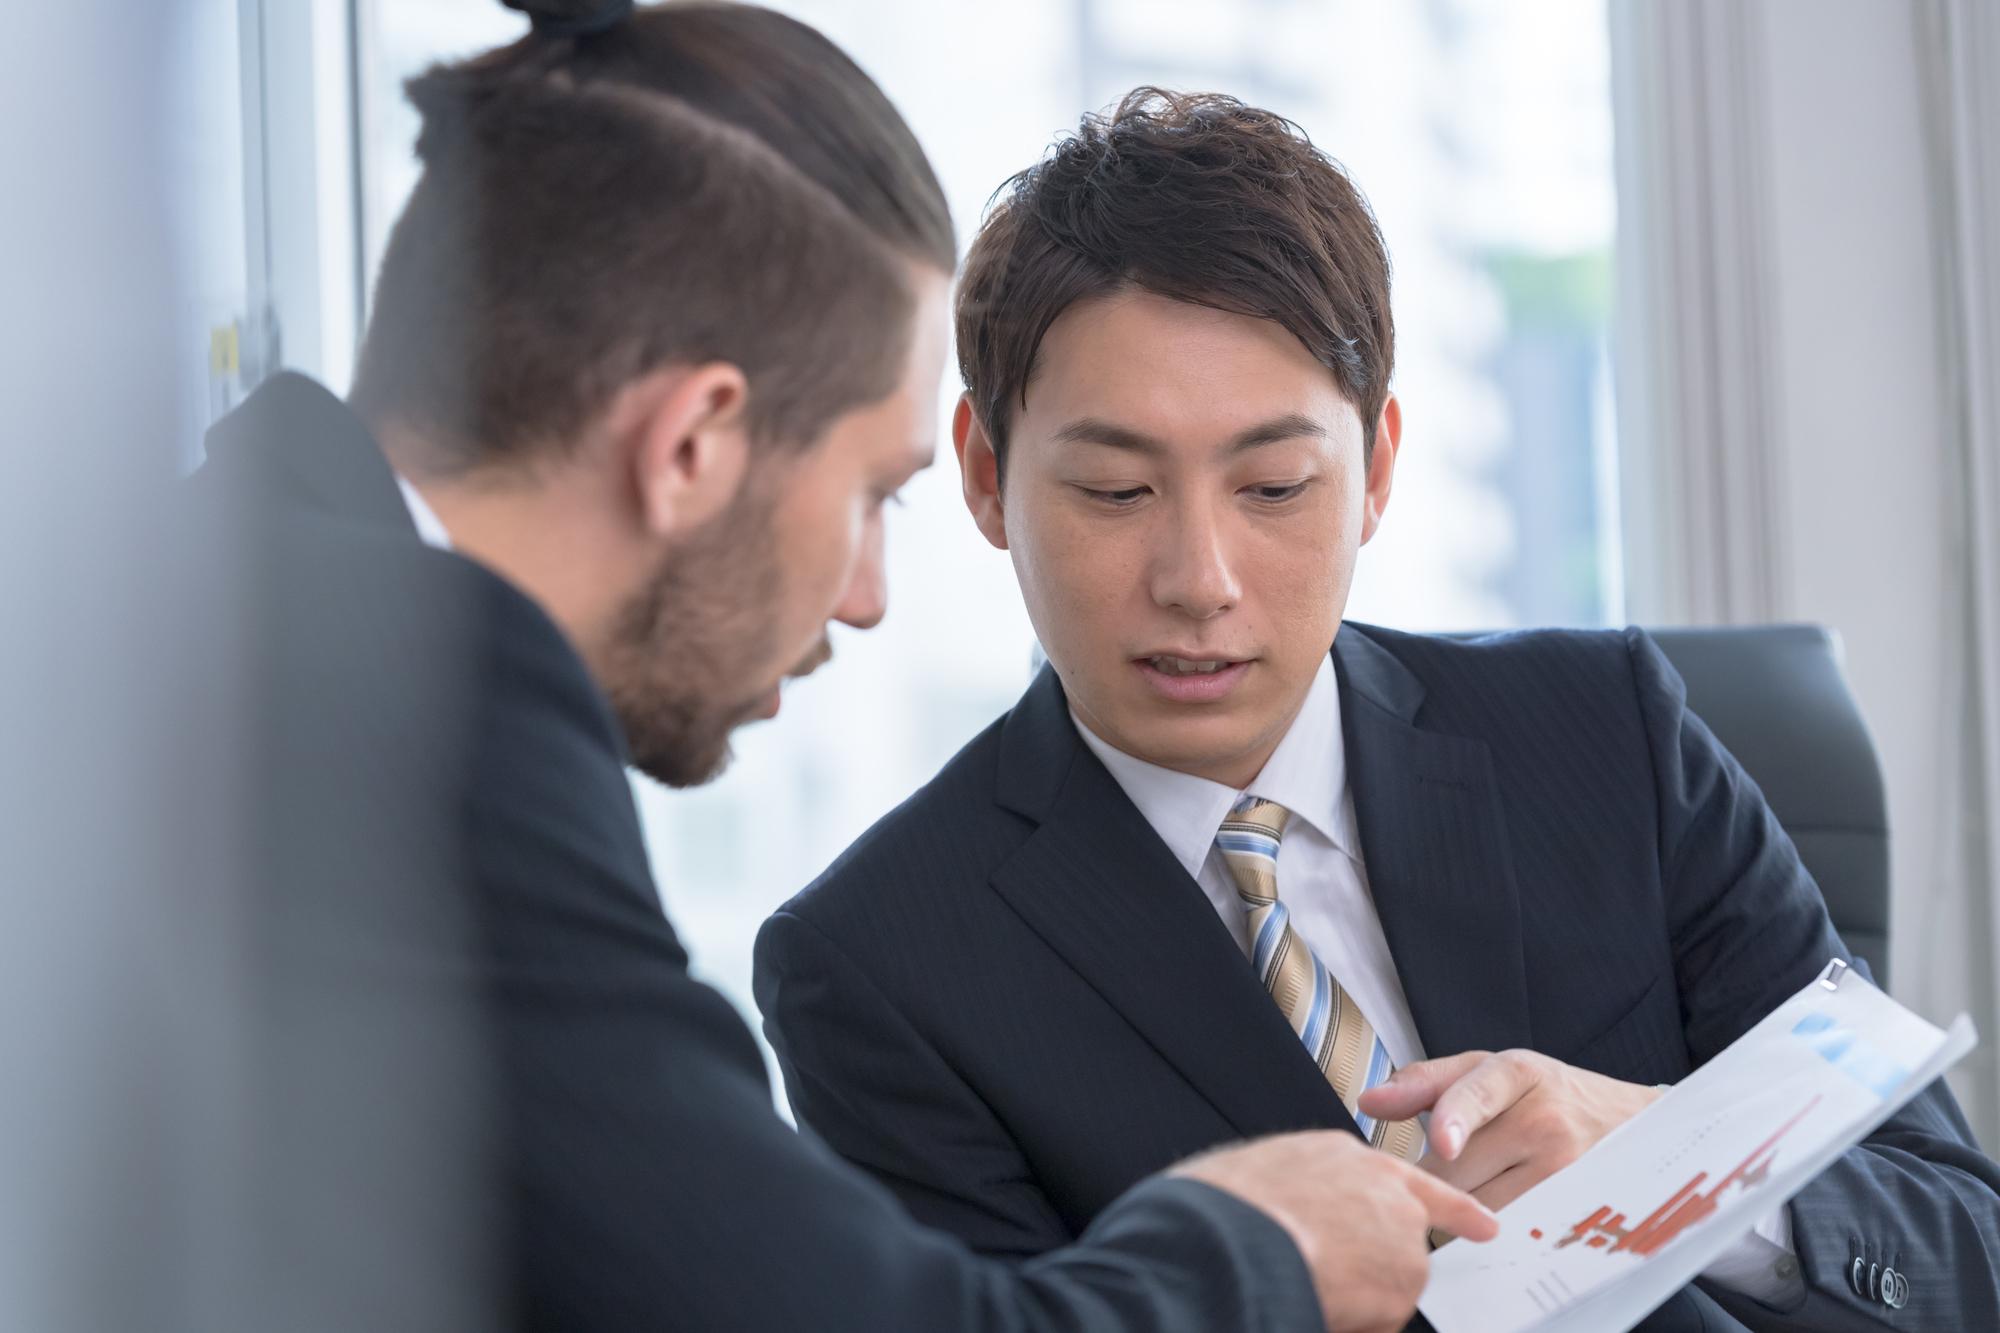 日本的な心遣いや遠慮は無用?!外国人と日本人では気の使いどころが違う